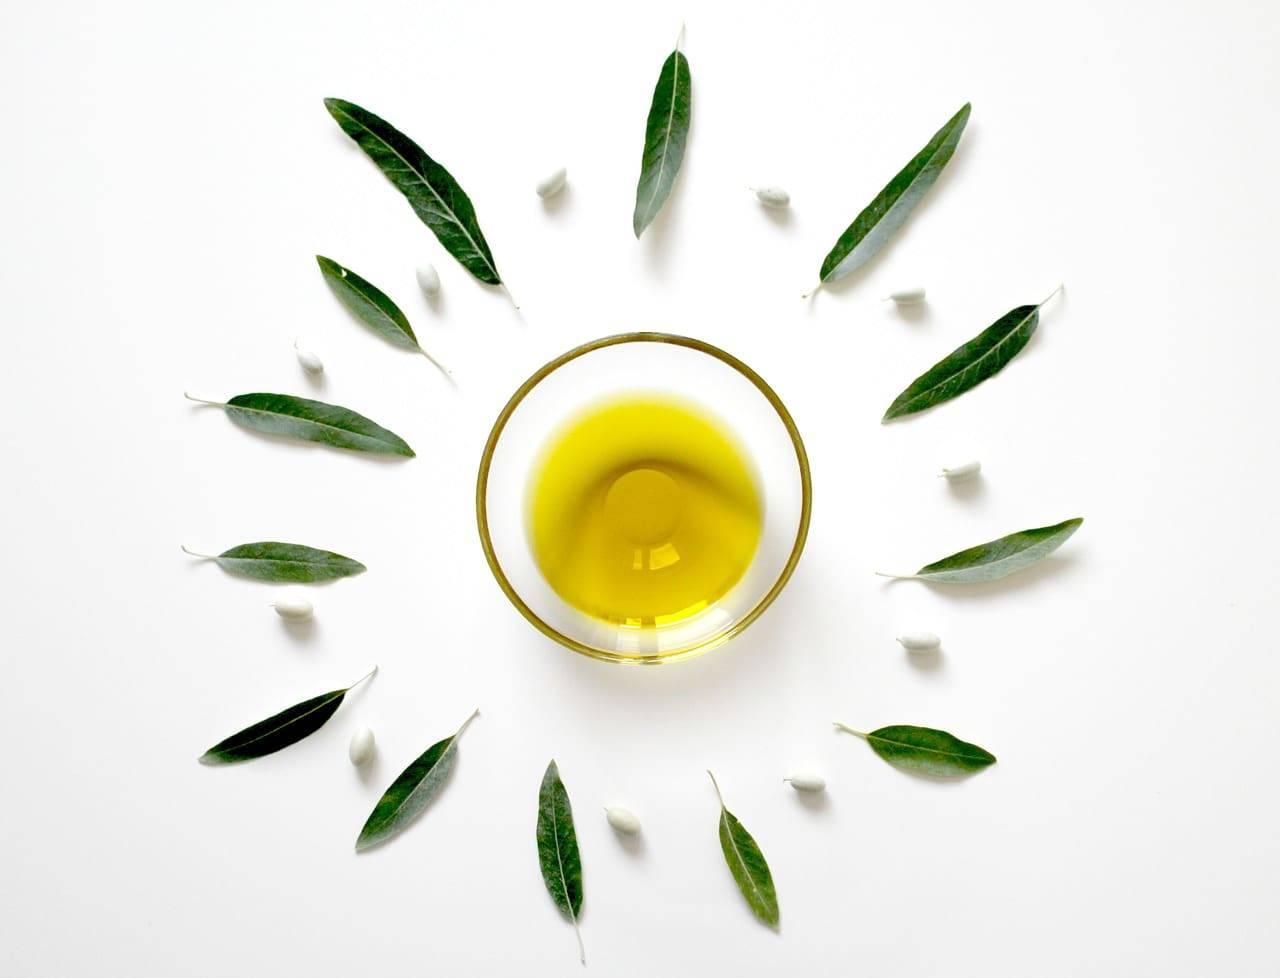 Olio di oliva | tutte le proprietà cosmetiche e i trattamenti di bellezza casalinghi